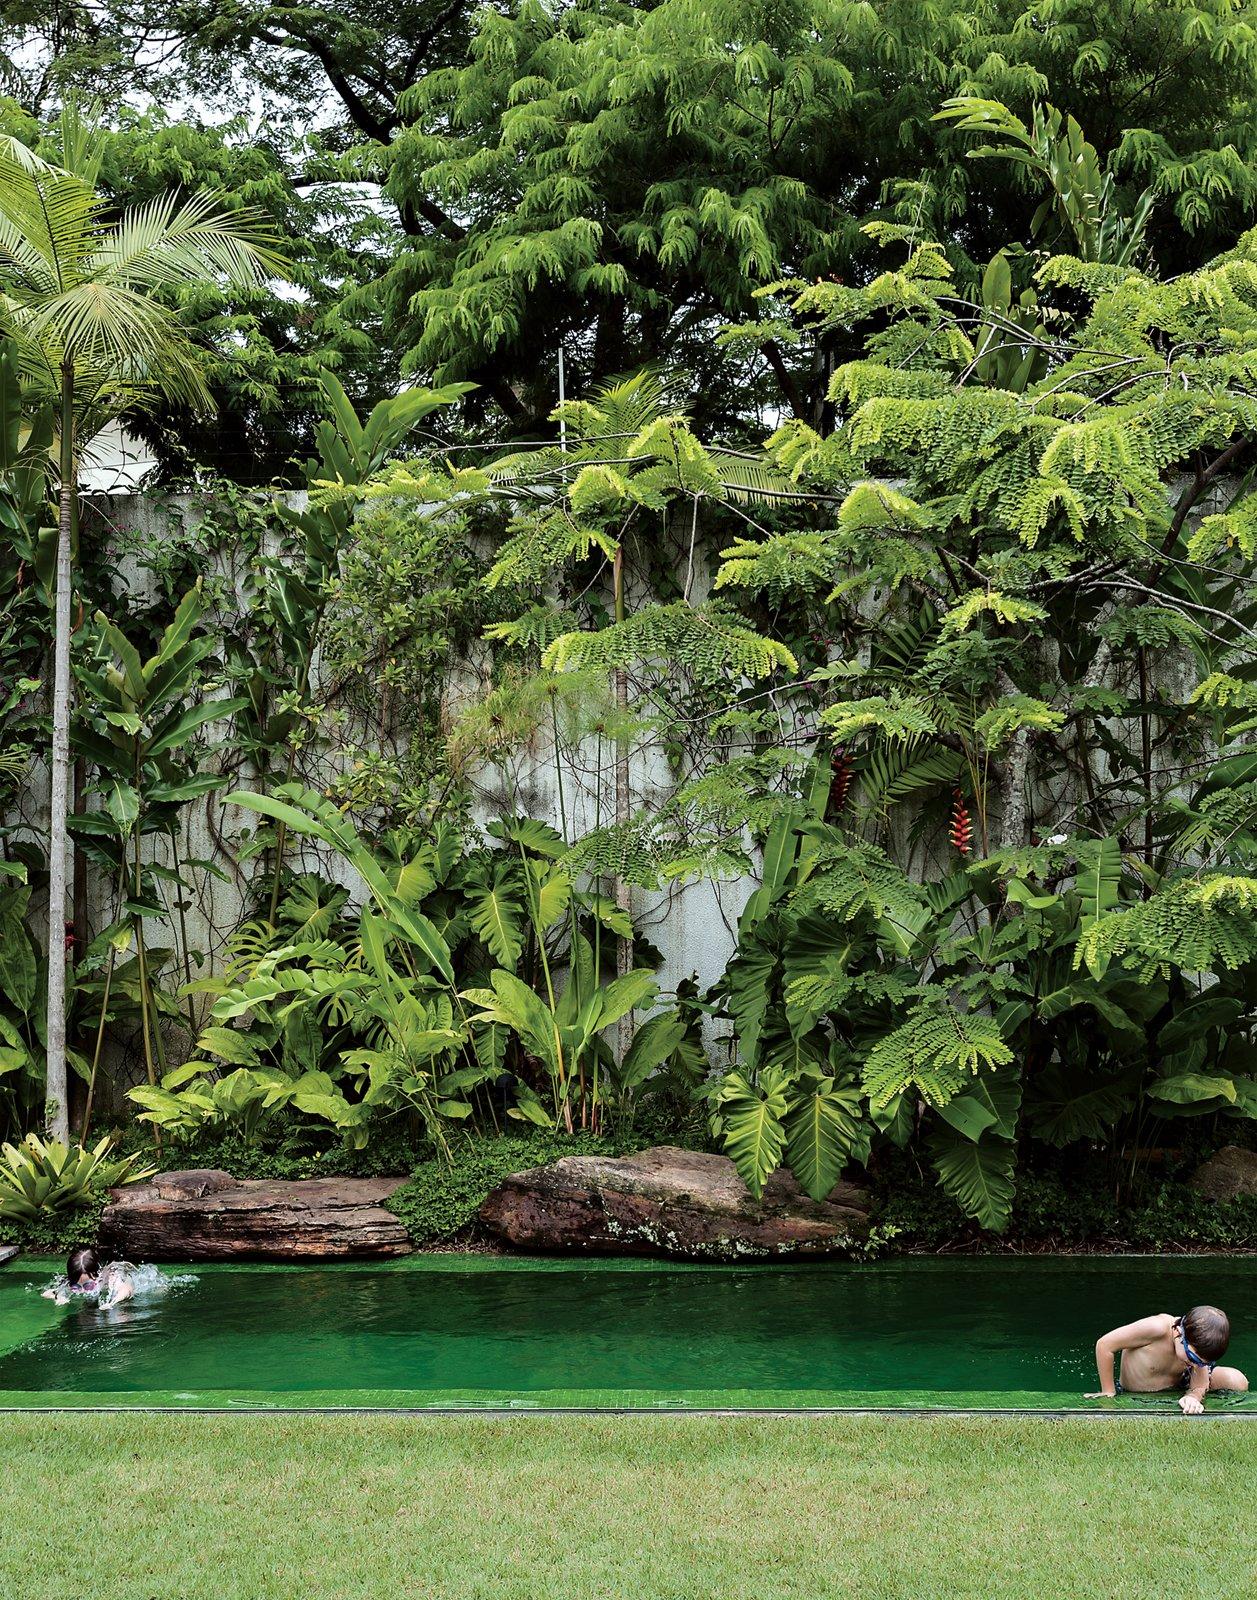 #pooldesign #modern #moderndesign #outdoor #exterior #outside #landscape #backyard #green #lush #garden #retreat #CasaDeck #IsayWeinfeld  Photos from outdoors